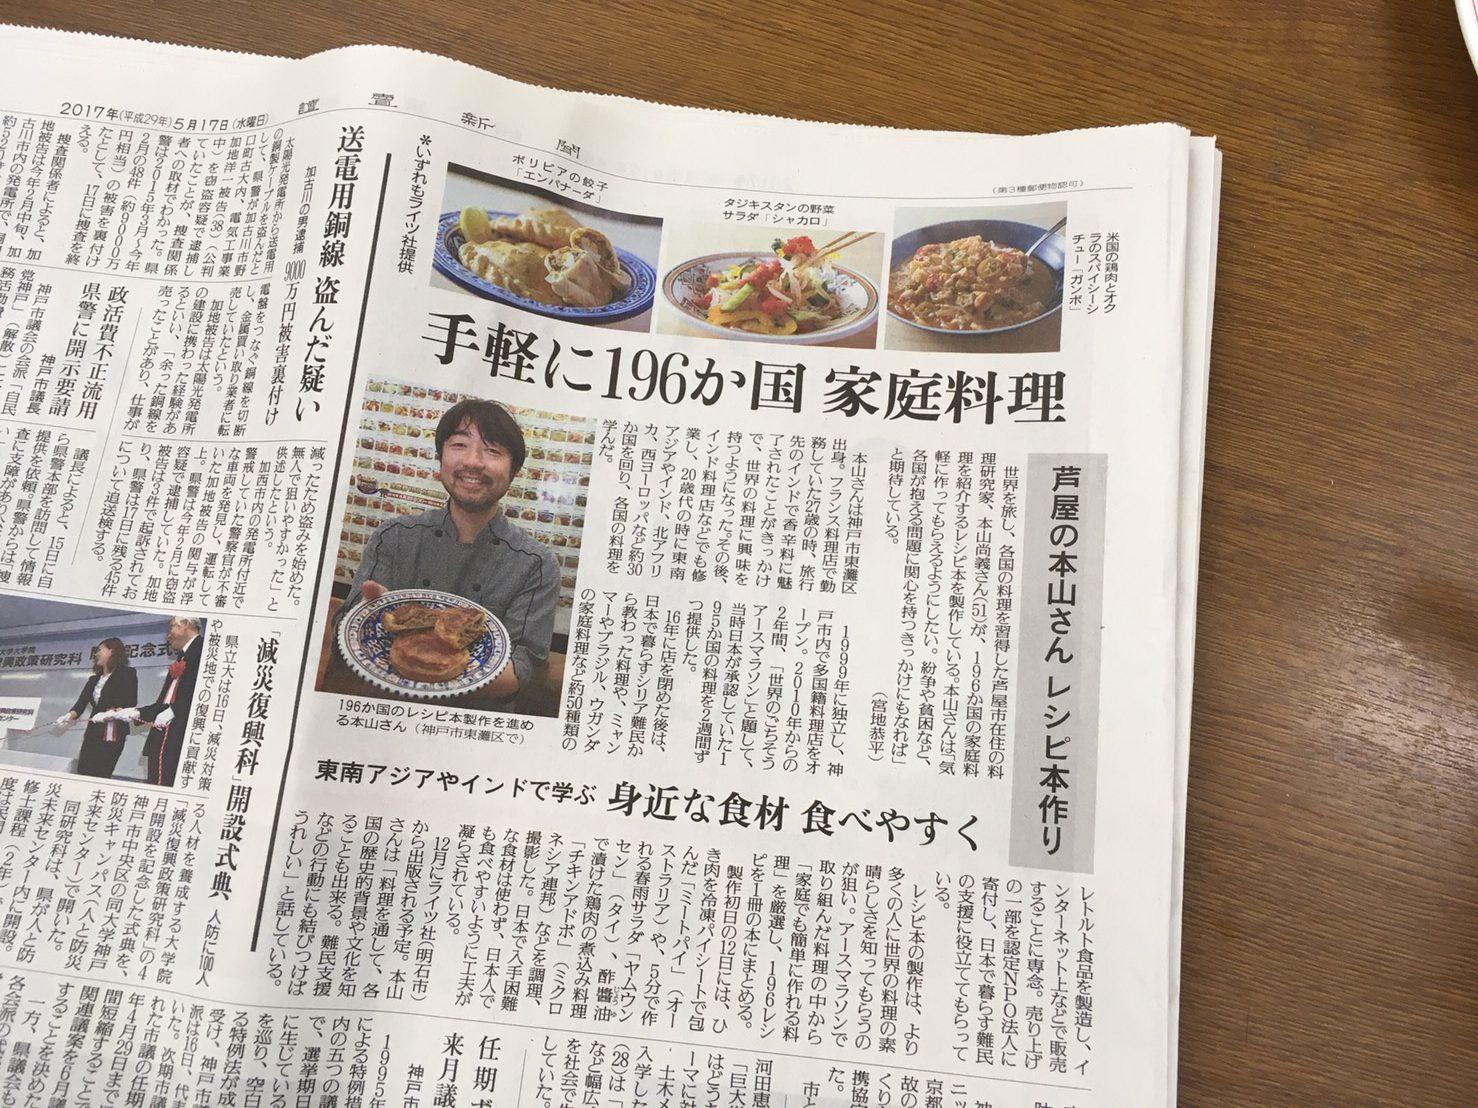 「レシピ本制作開始のお知らせ」記事アイキャッチ画像